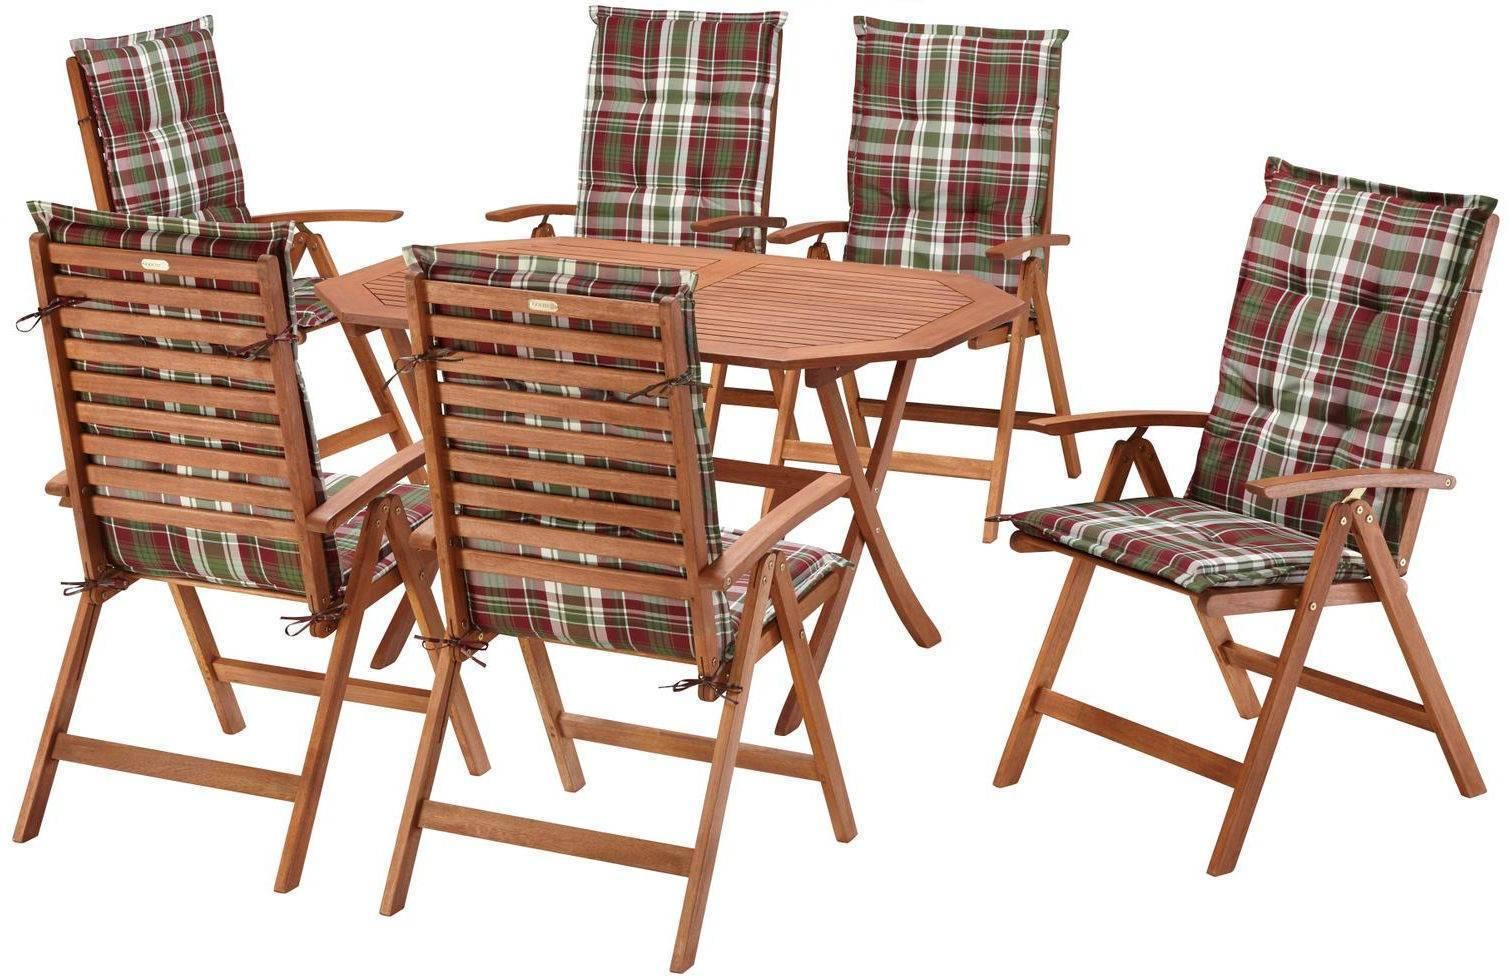 gartenm bel set borkum 13 teilig tisch 135x85 cm inkl auflagen 4029686256095 ebay. Black Bedroom Furniture Sets. Home Design Ideas